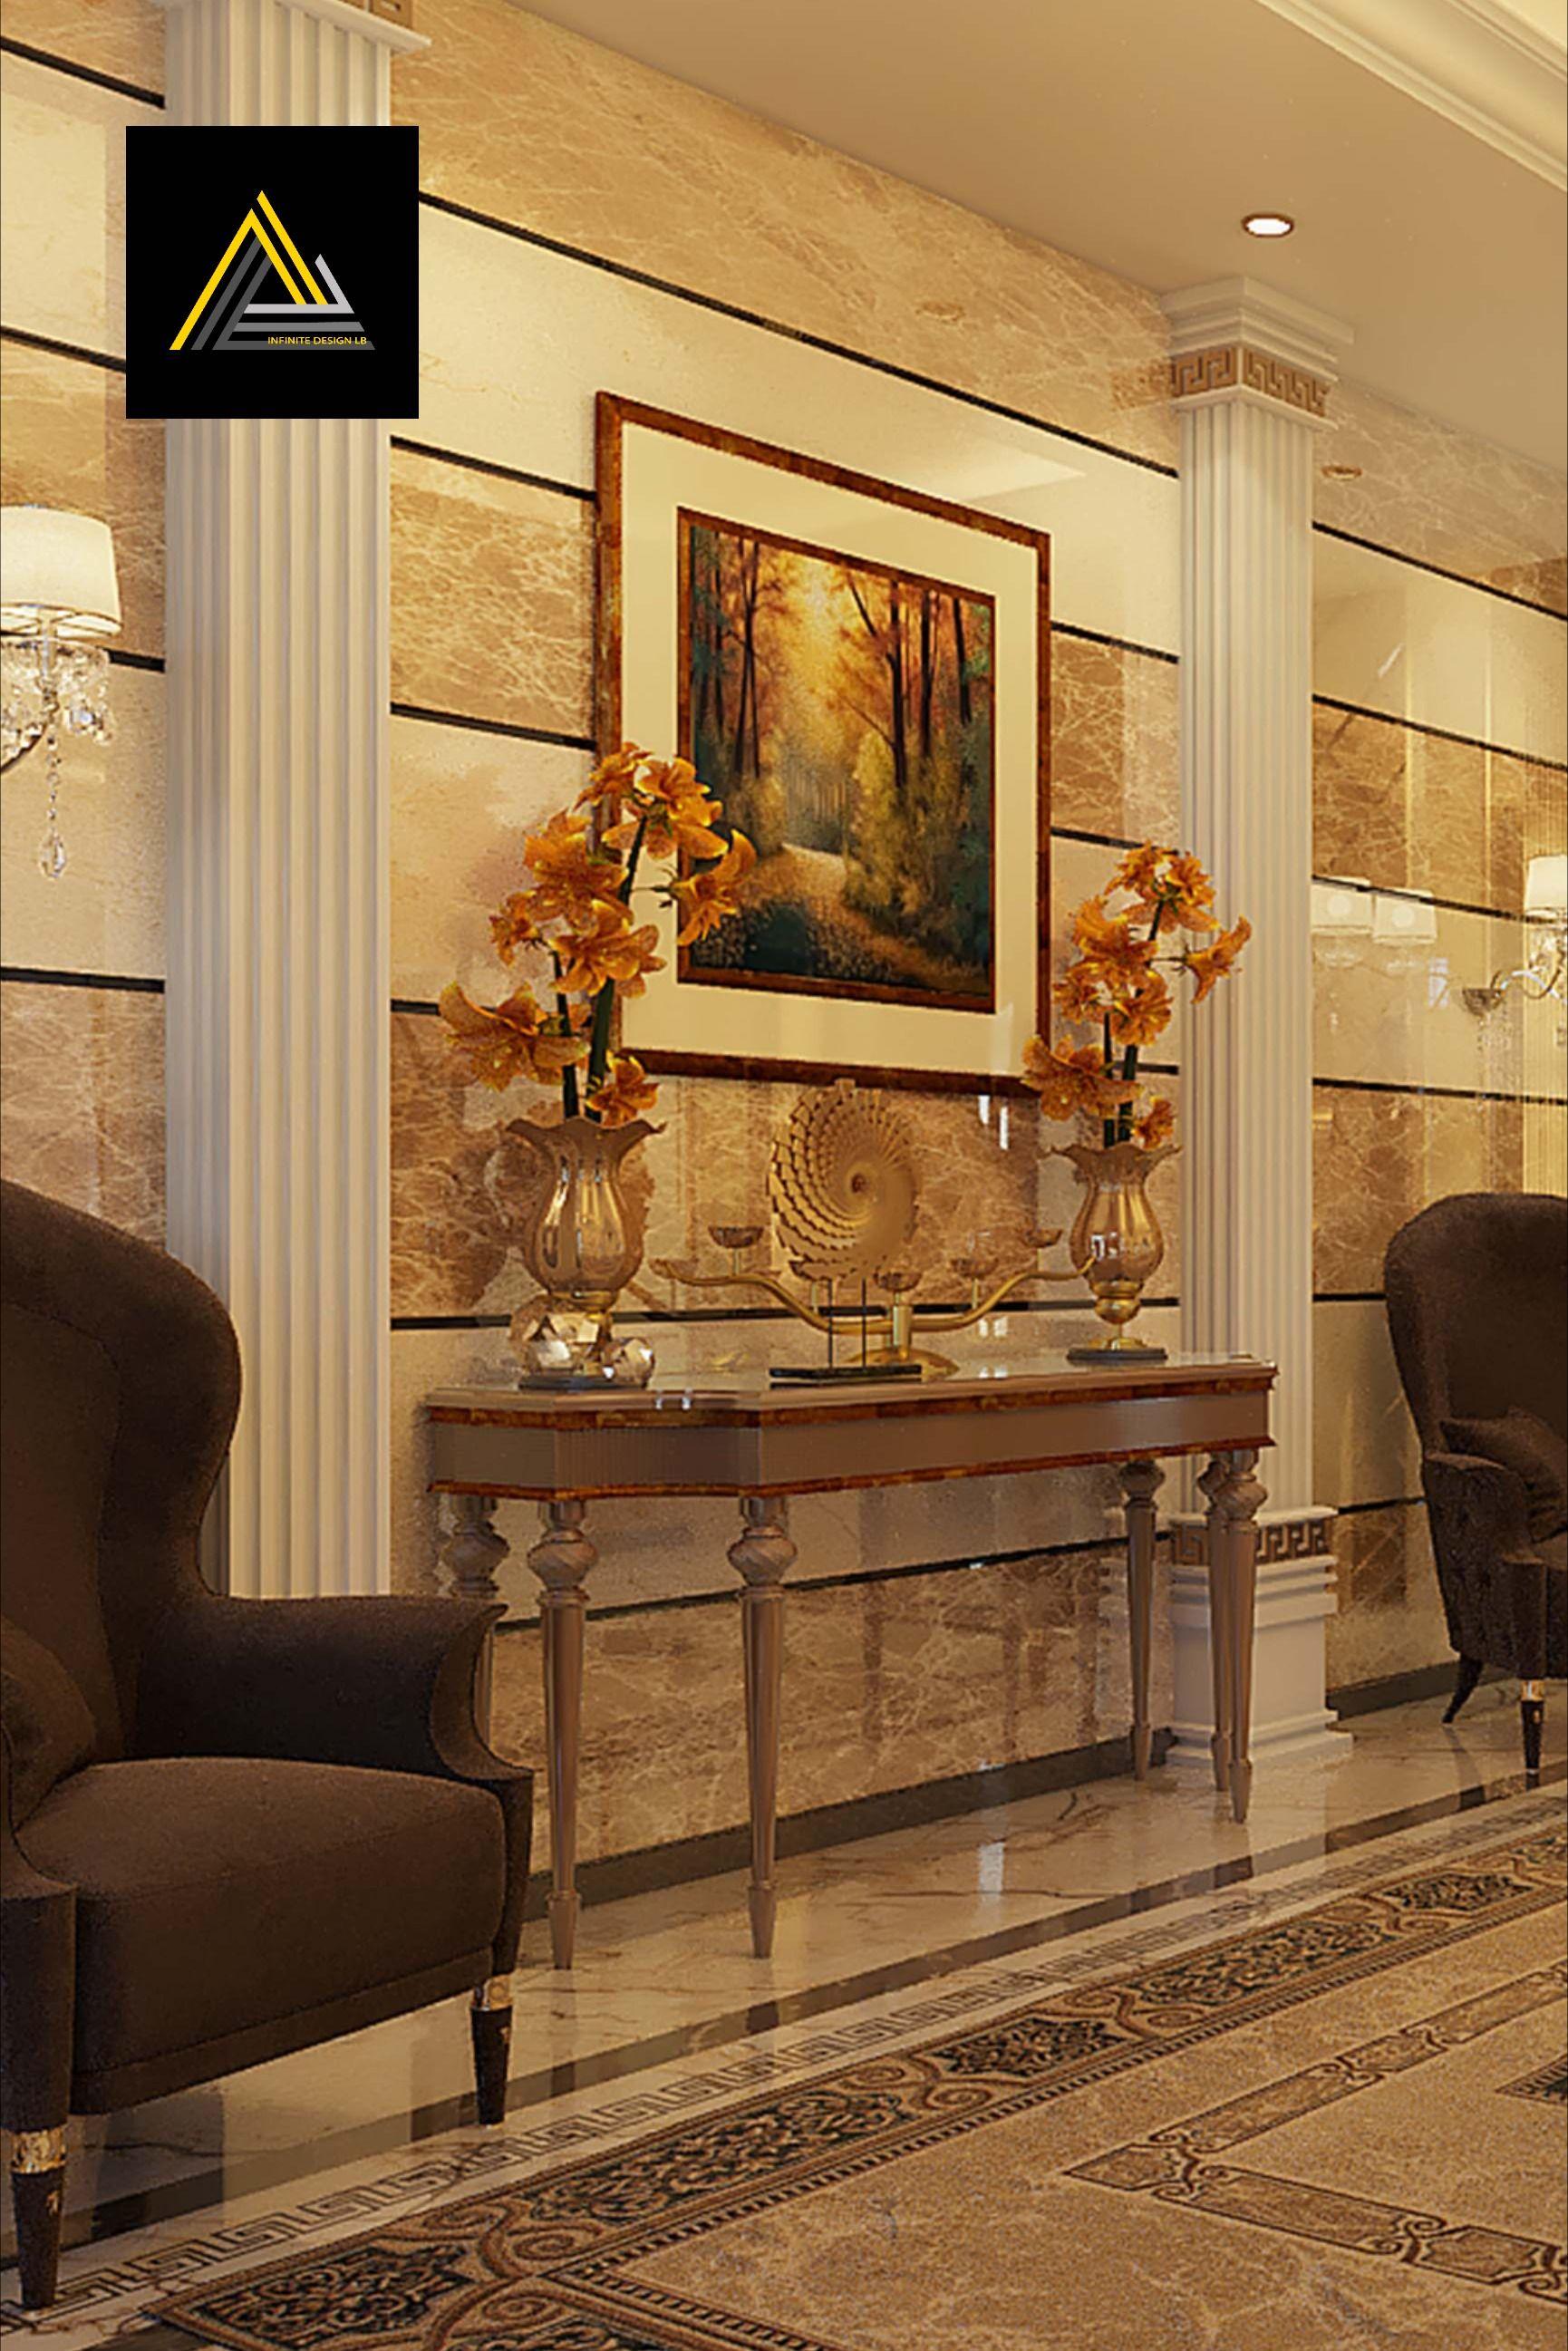 تصاميم قصور و فلل في قطر Home Decor Decor Fireplace